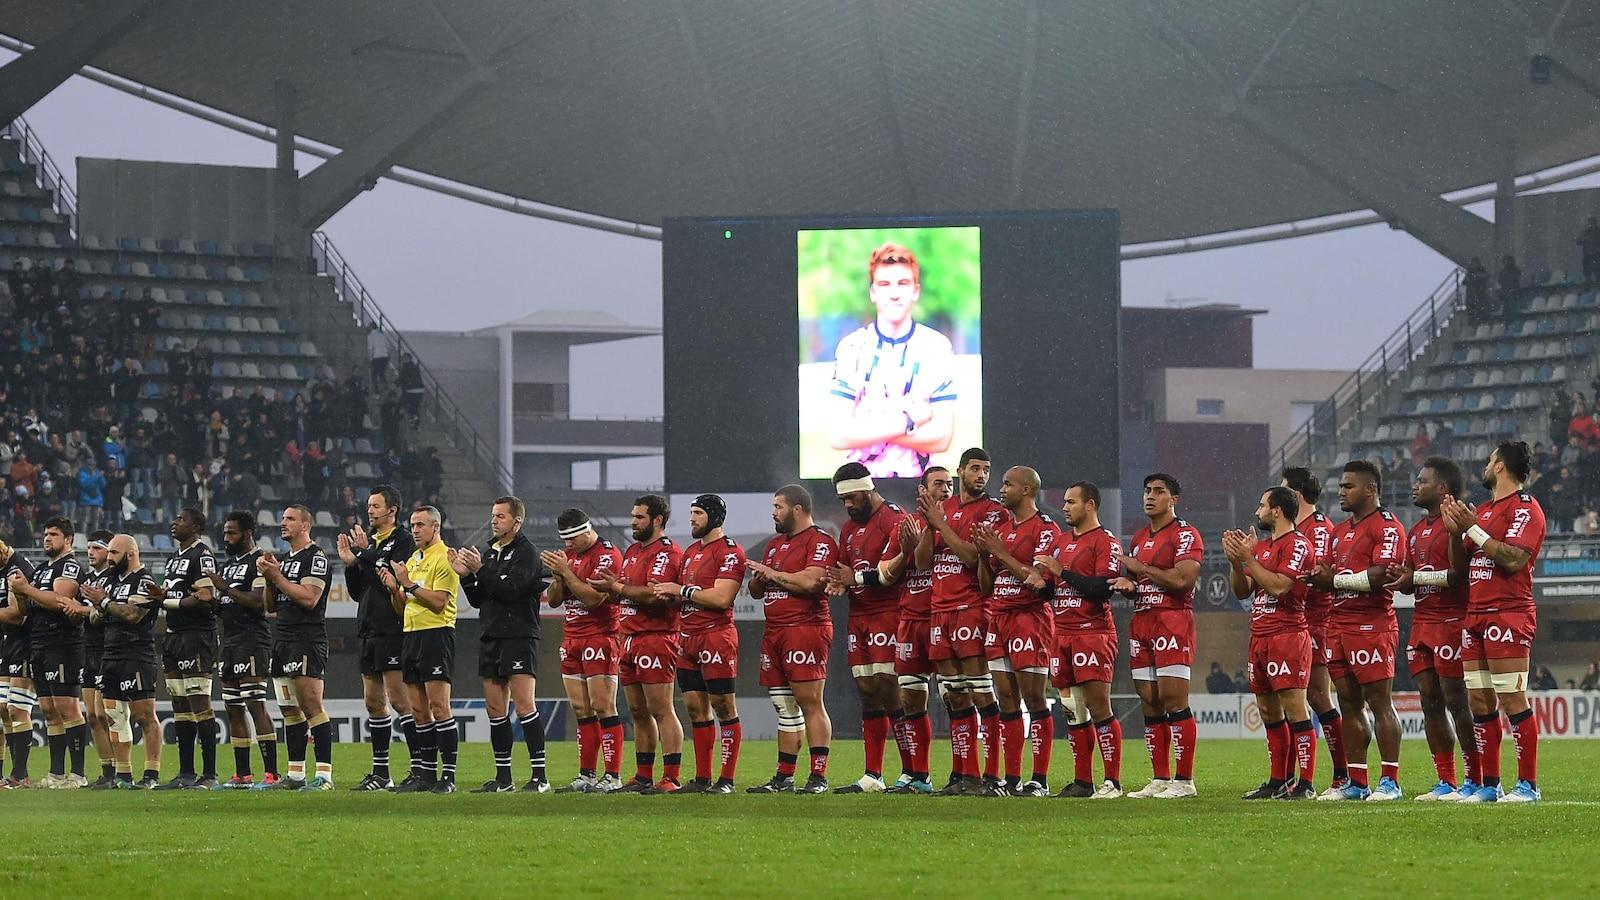 Les équipes françaises de Montpellier et Toulon lors d'un hommage à Nicolas Chauvin, jeune joueur de rugby décédé le 12 décembre 2018.